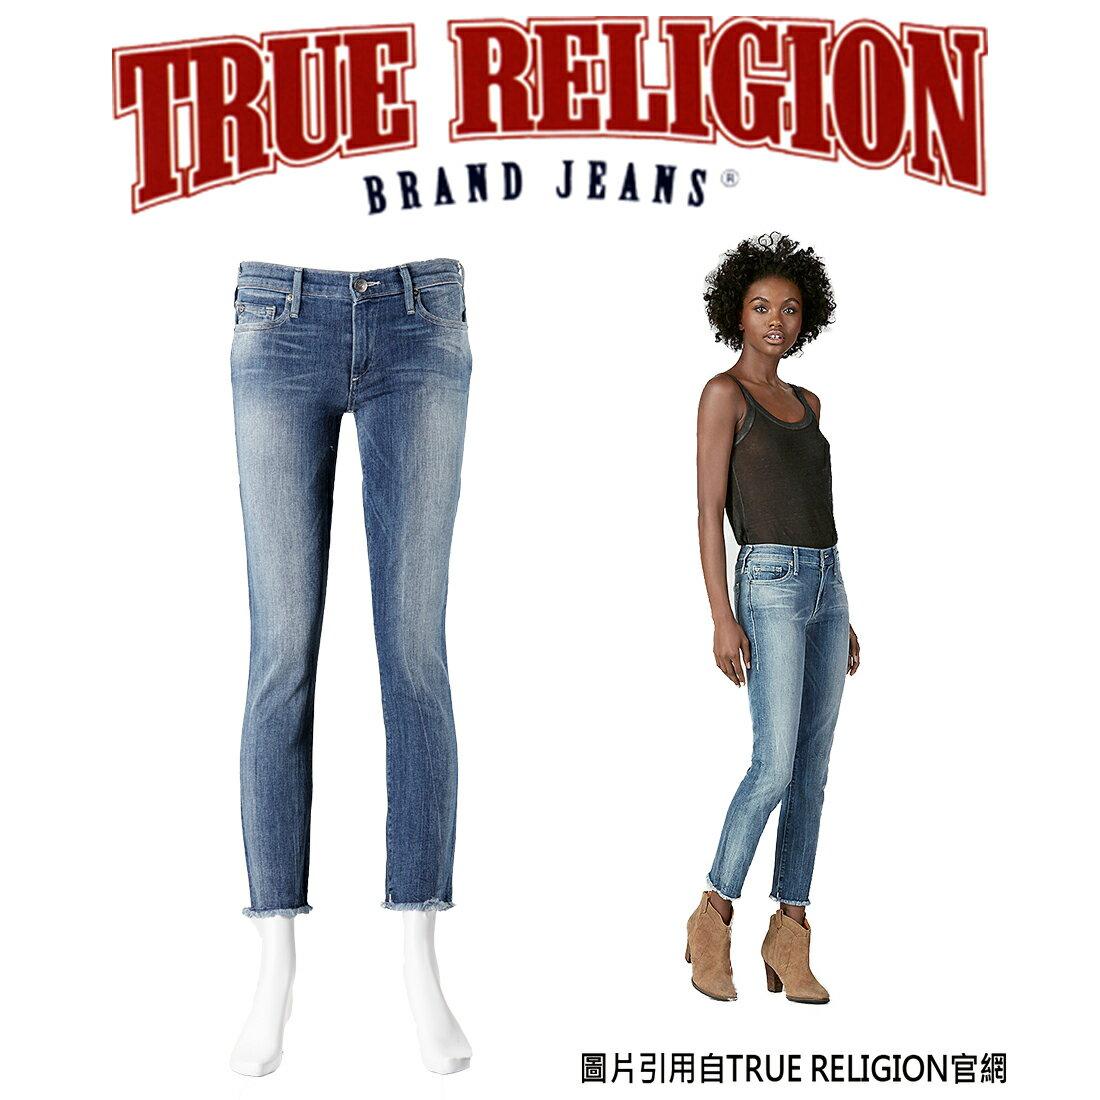 TRUE RELIGION CORA 系列 中腰直筒牛仔褲 美國製造 現貨供應 【美國好褲】